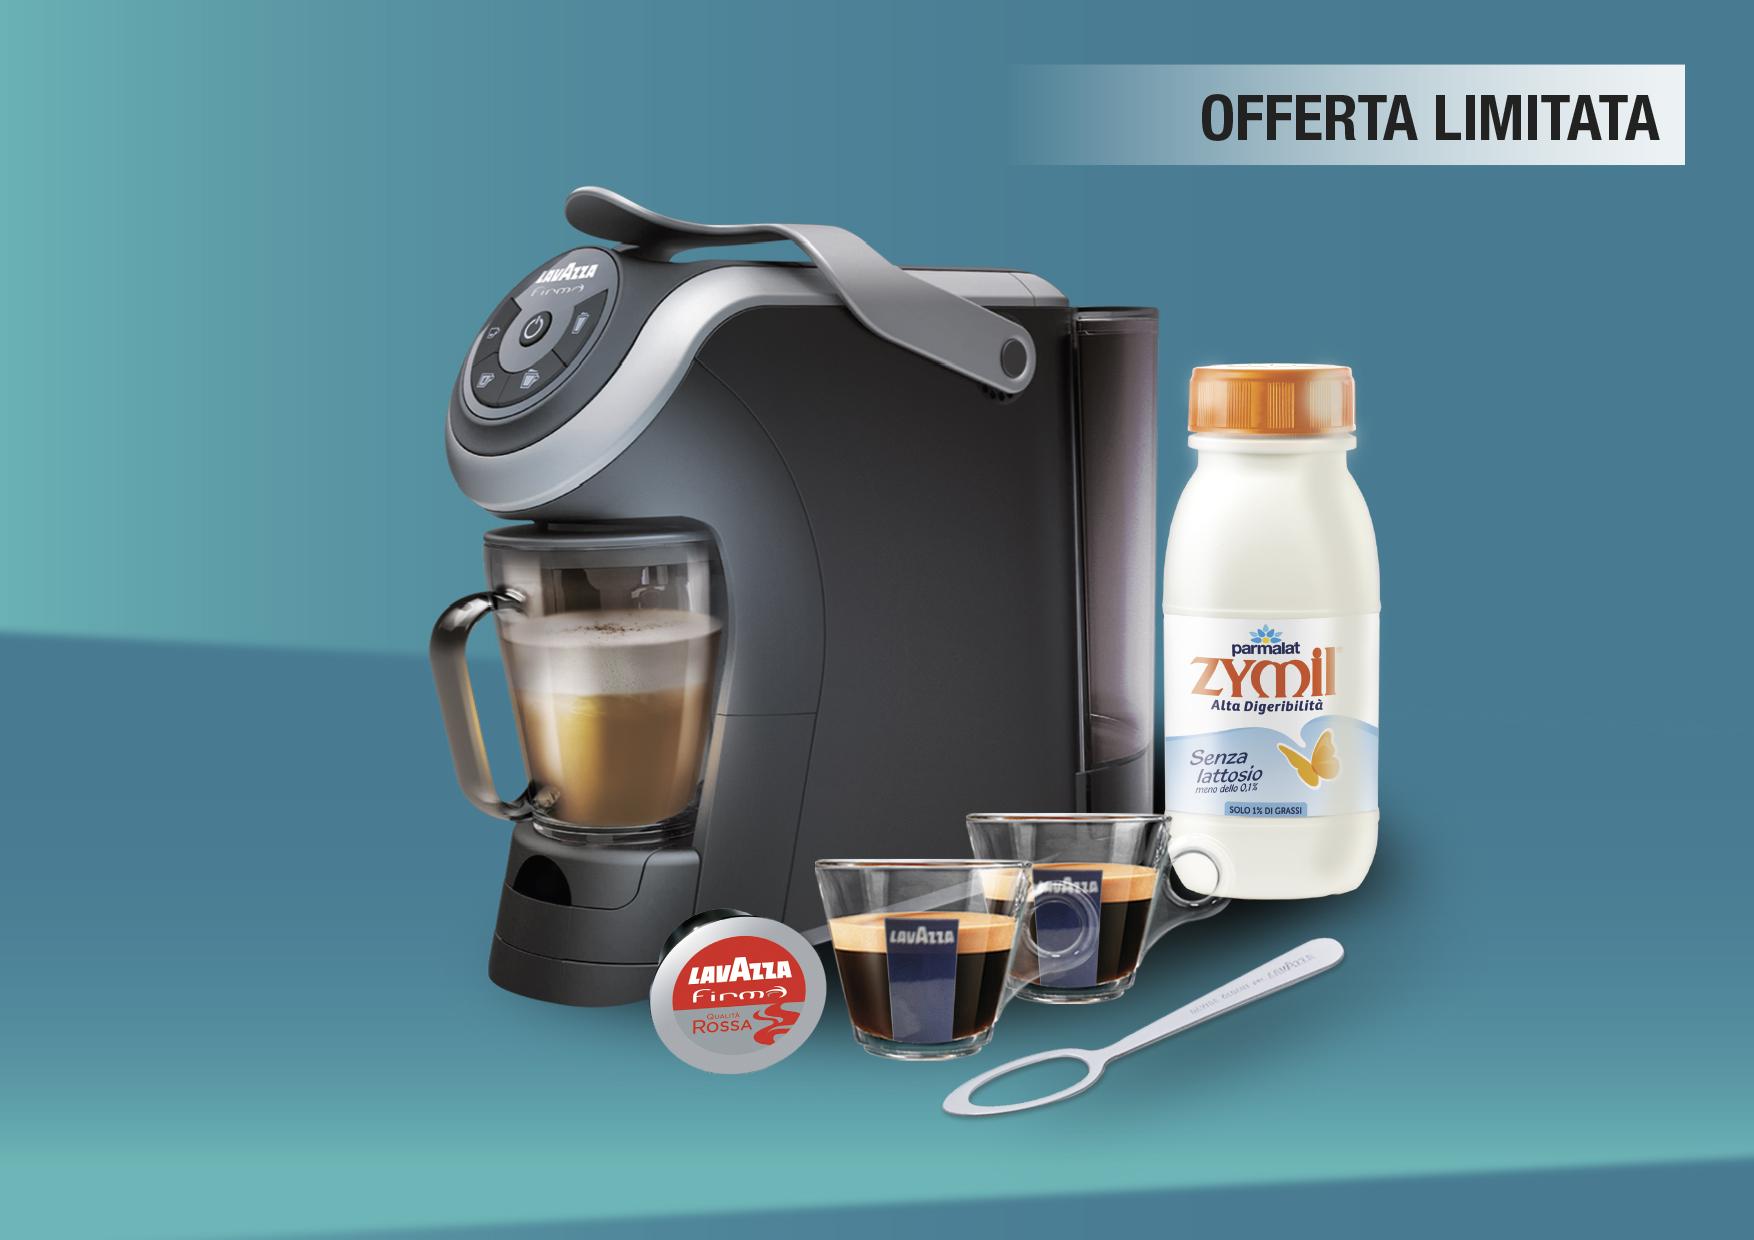 Lavazza Firma LF 400 Milk macchina a capsule